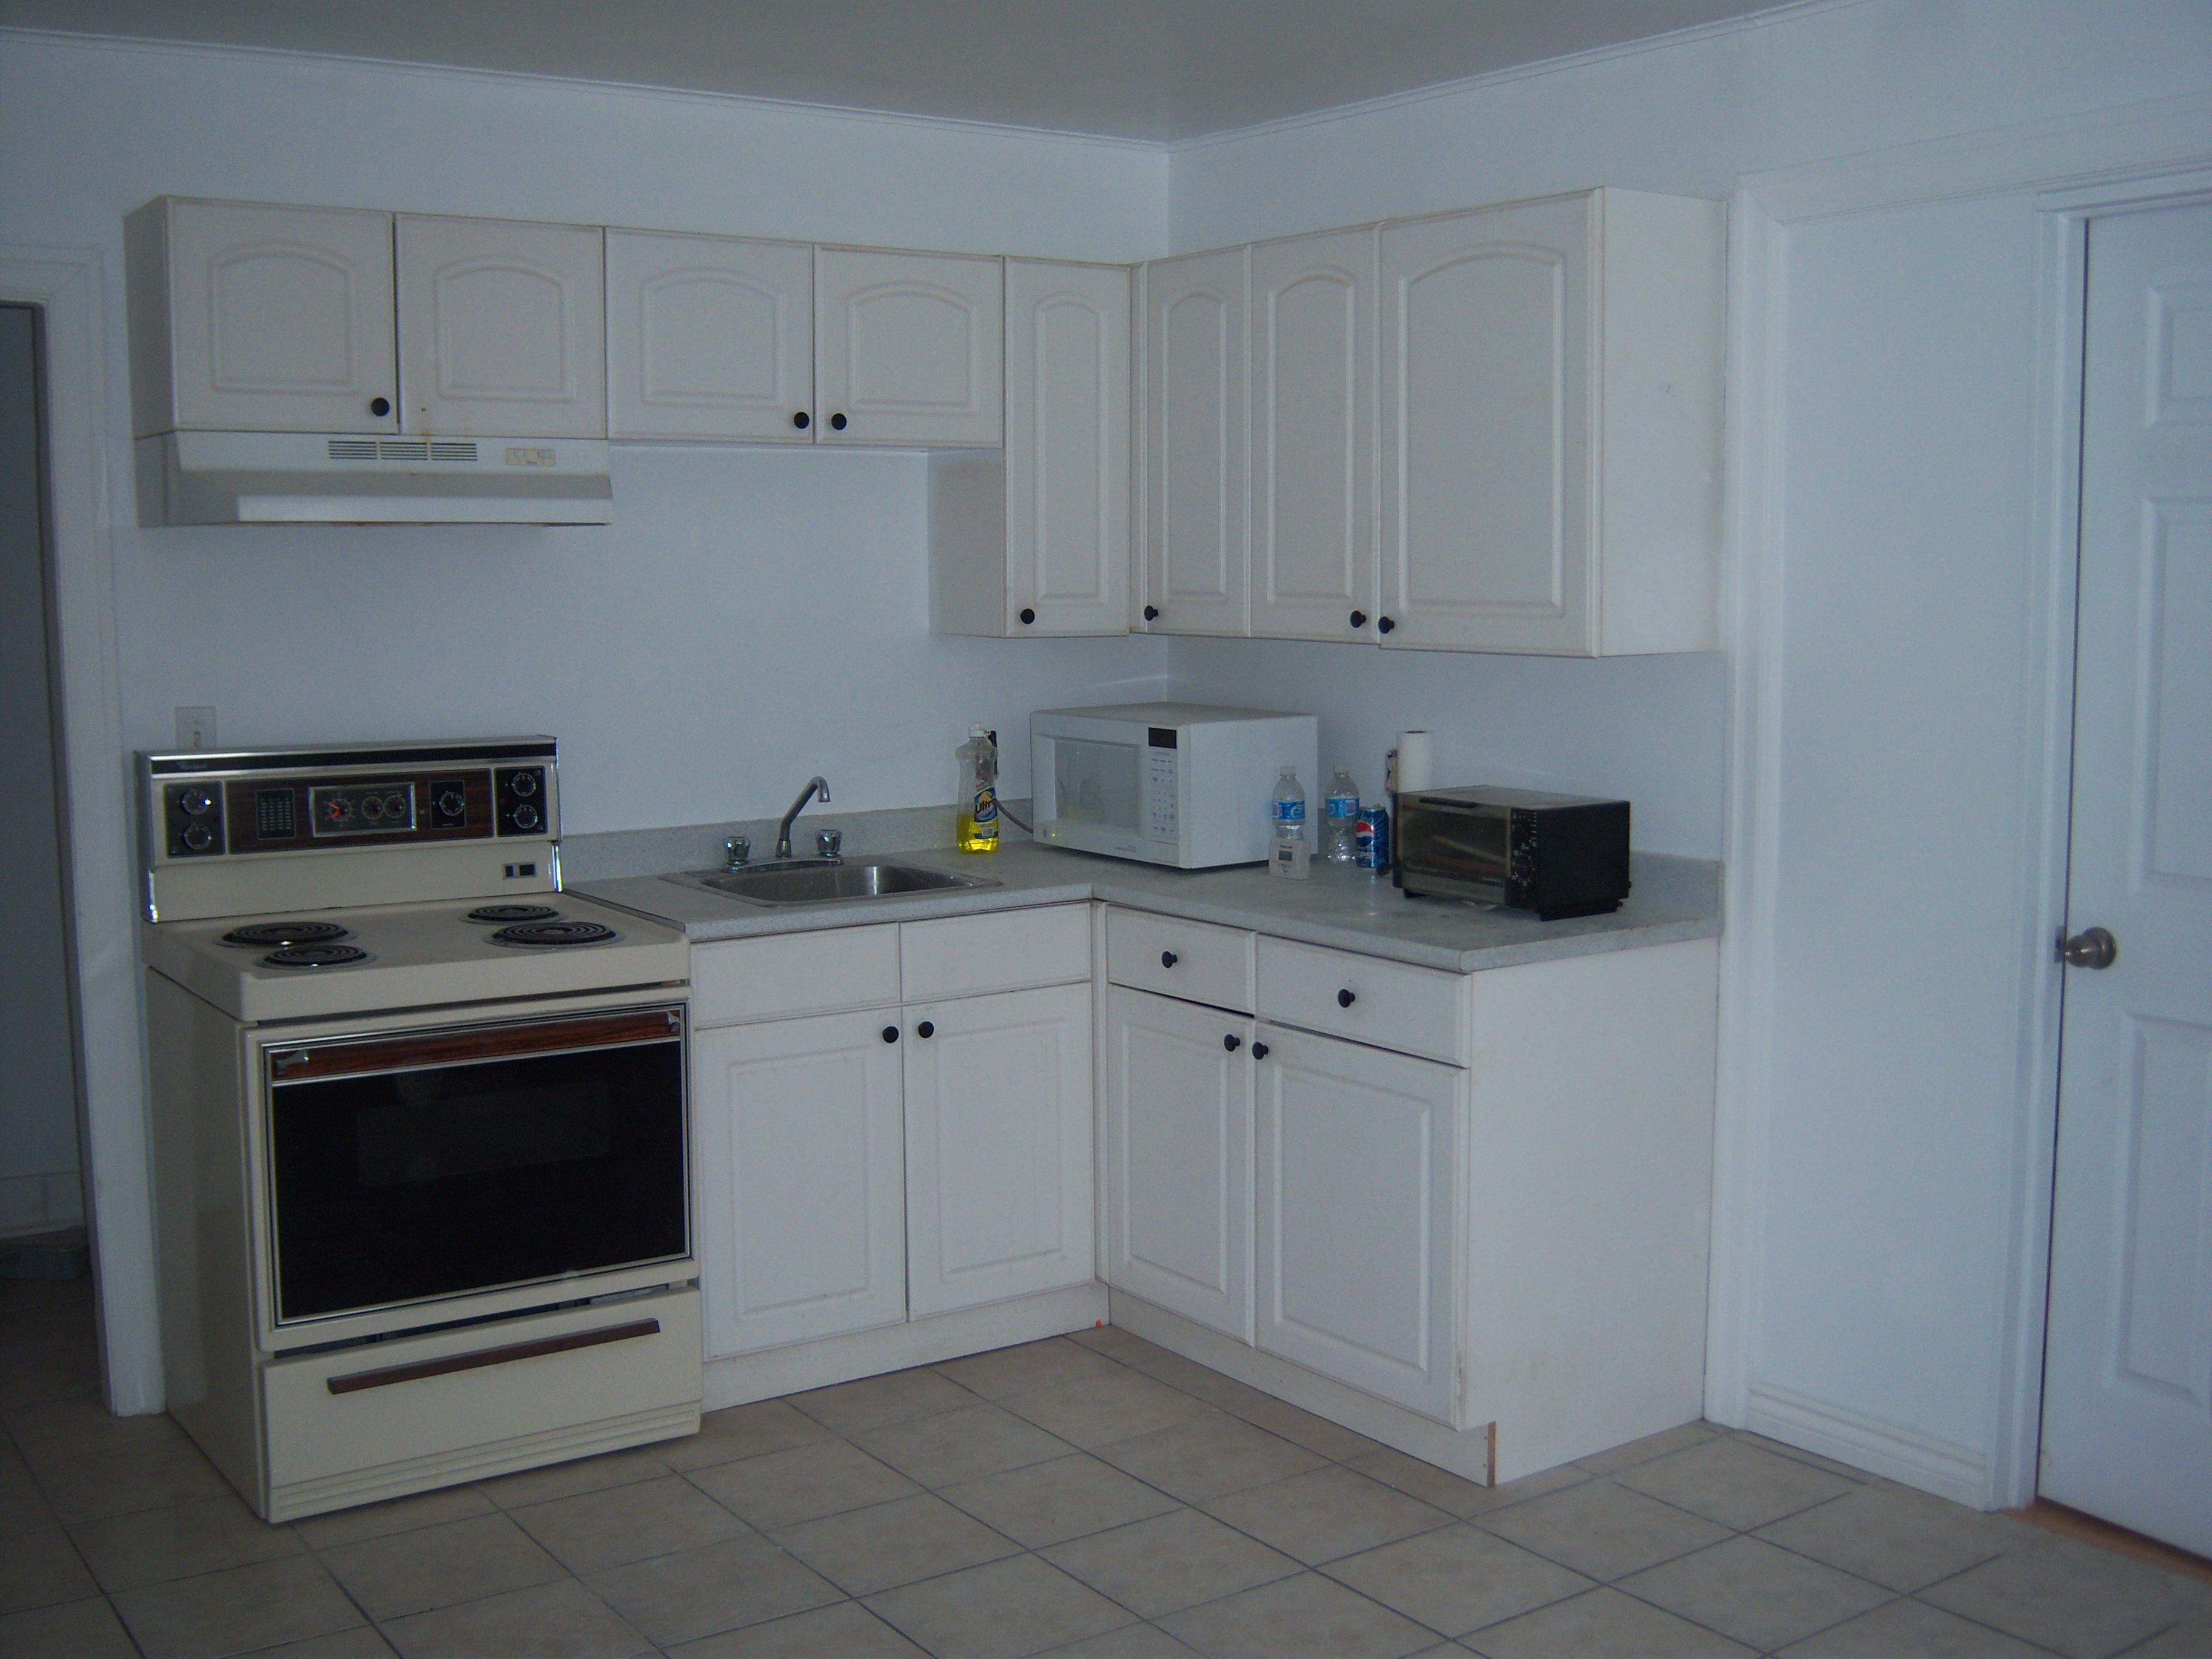 Kitchen size 17 x 10 5